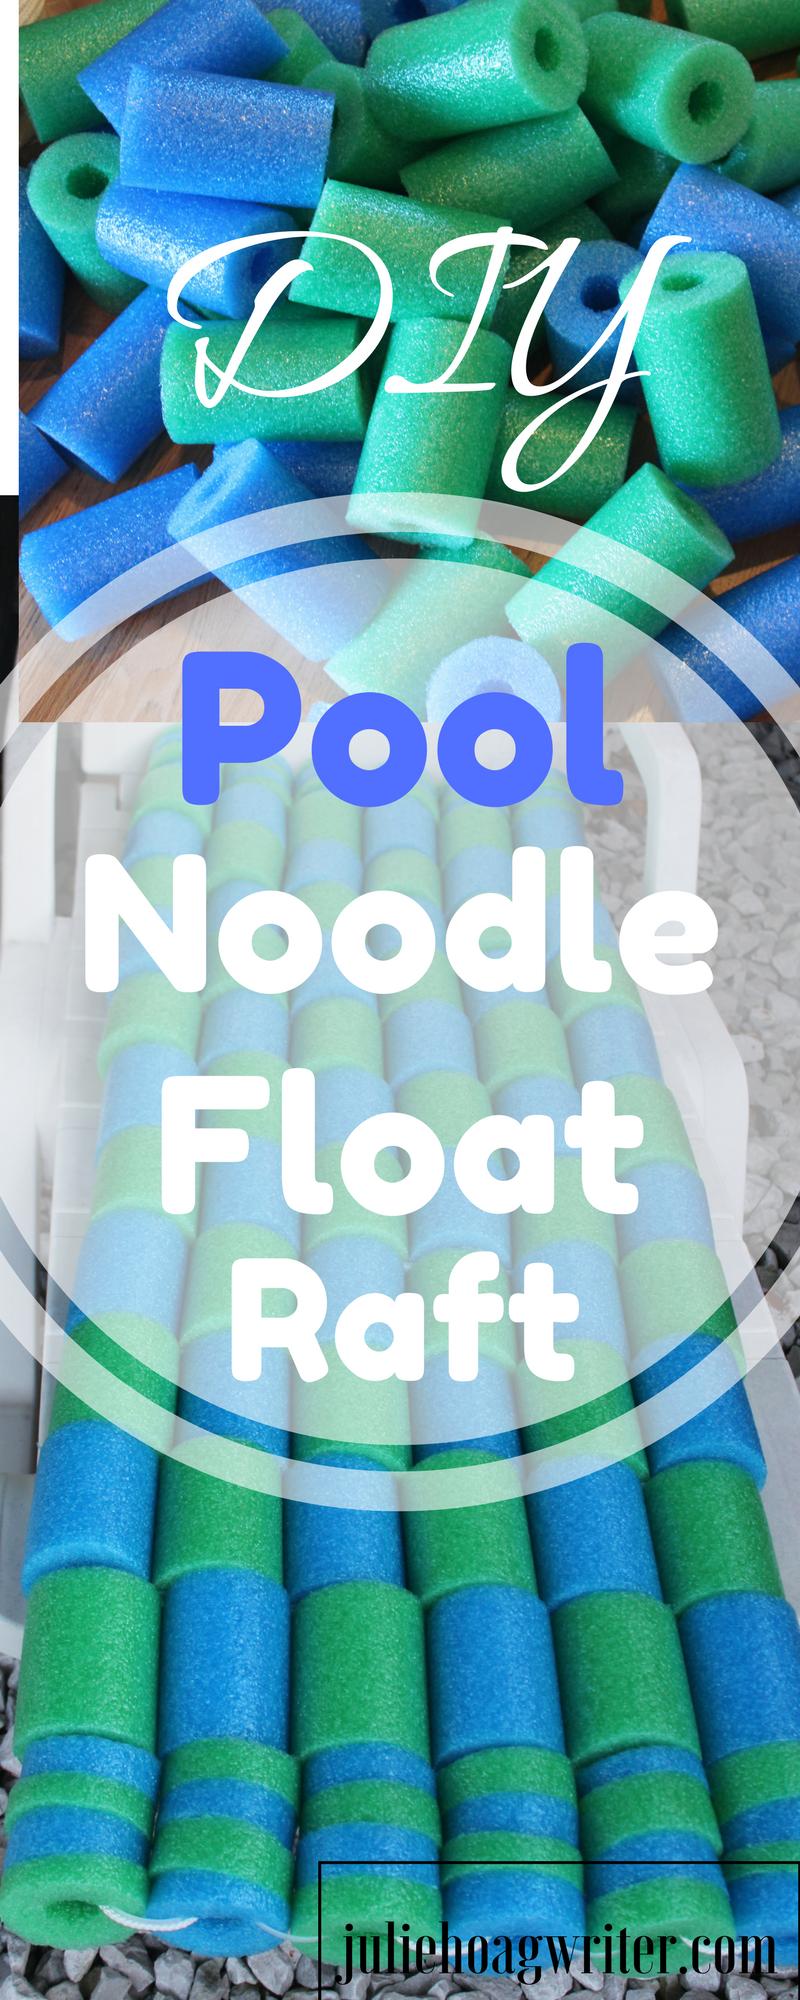 Diy Pool Noodle Float Raft Noodle Float Pool Noodle Crafts Diy Pool Toys